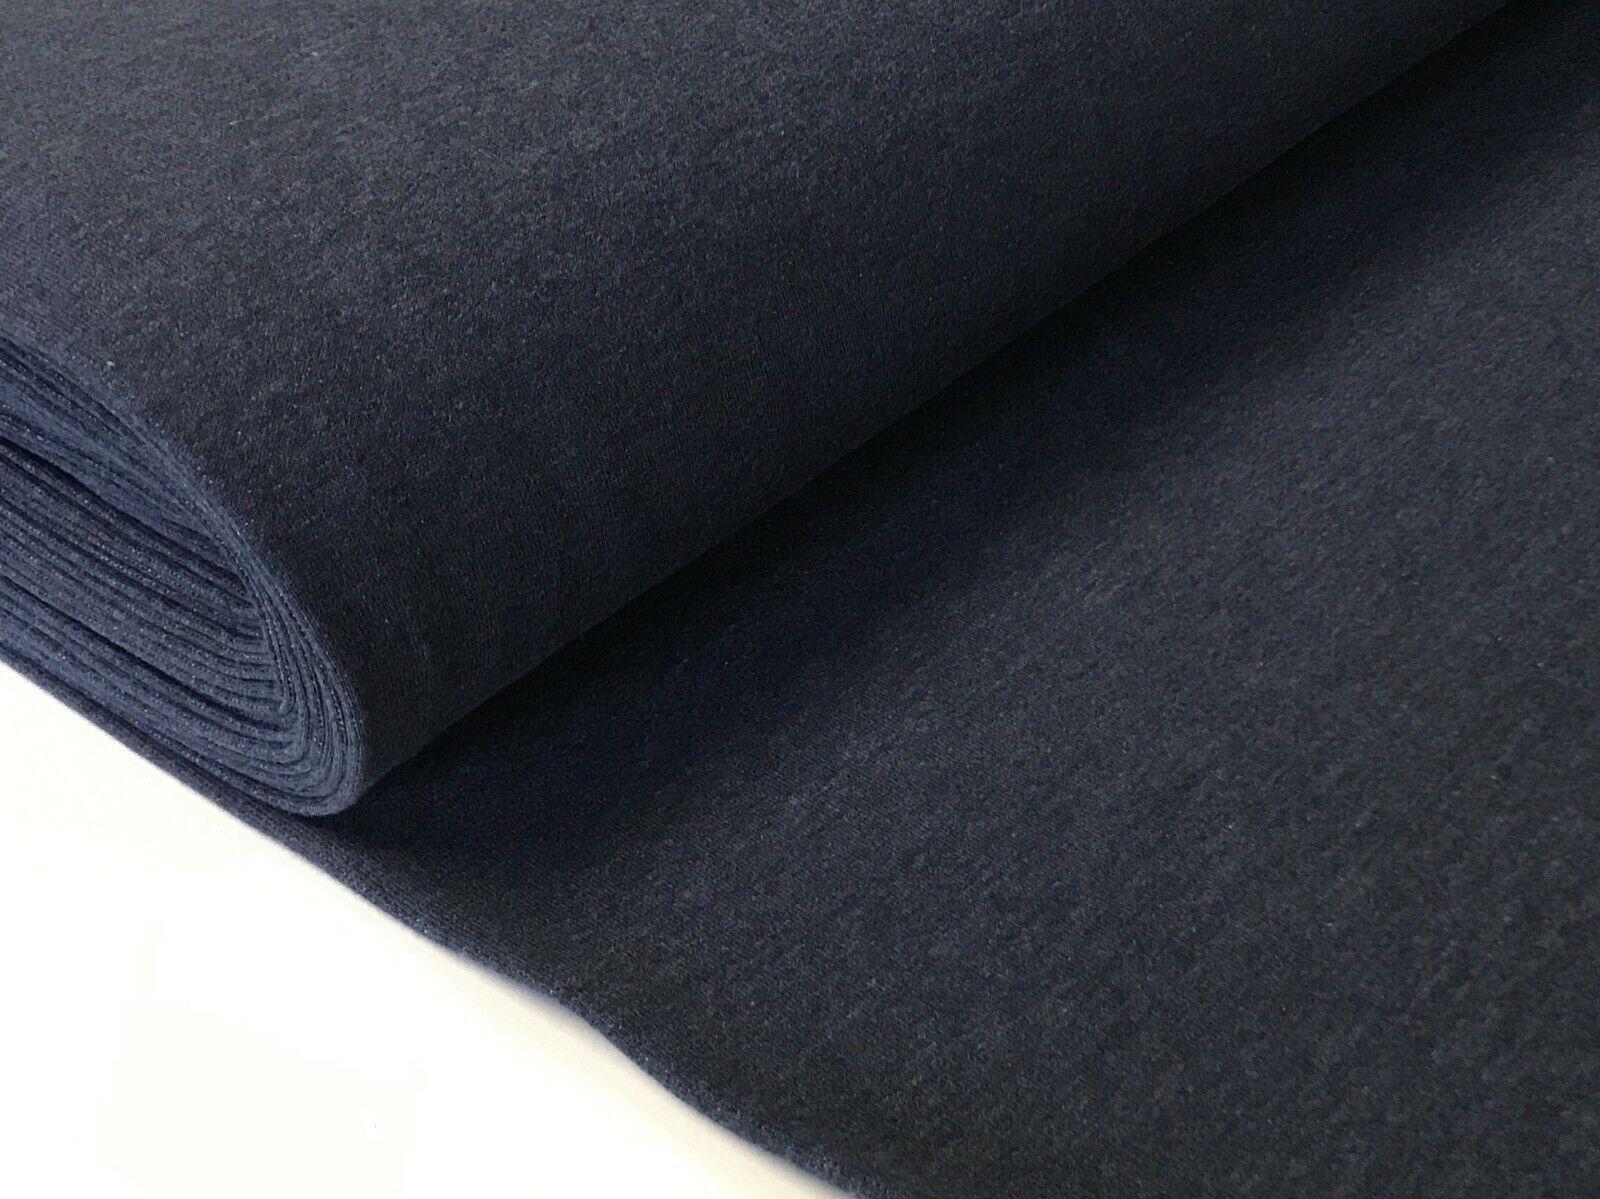 Sweatstoff meliert uni viele Farben METERWARE ÖKOTEX angeraut 140 cm breit Marineblau